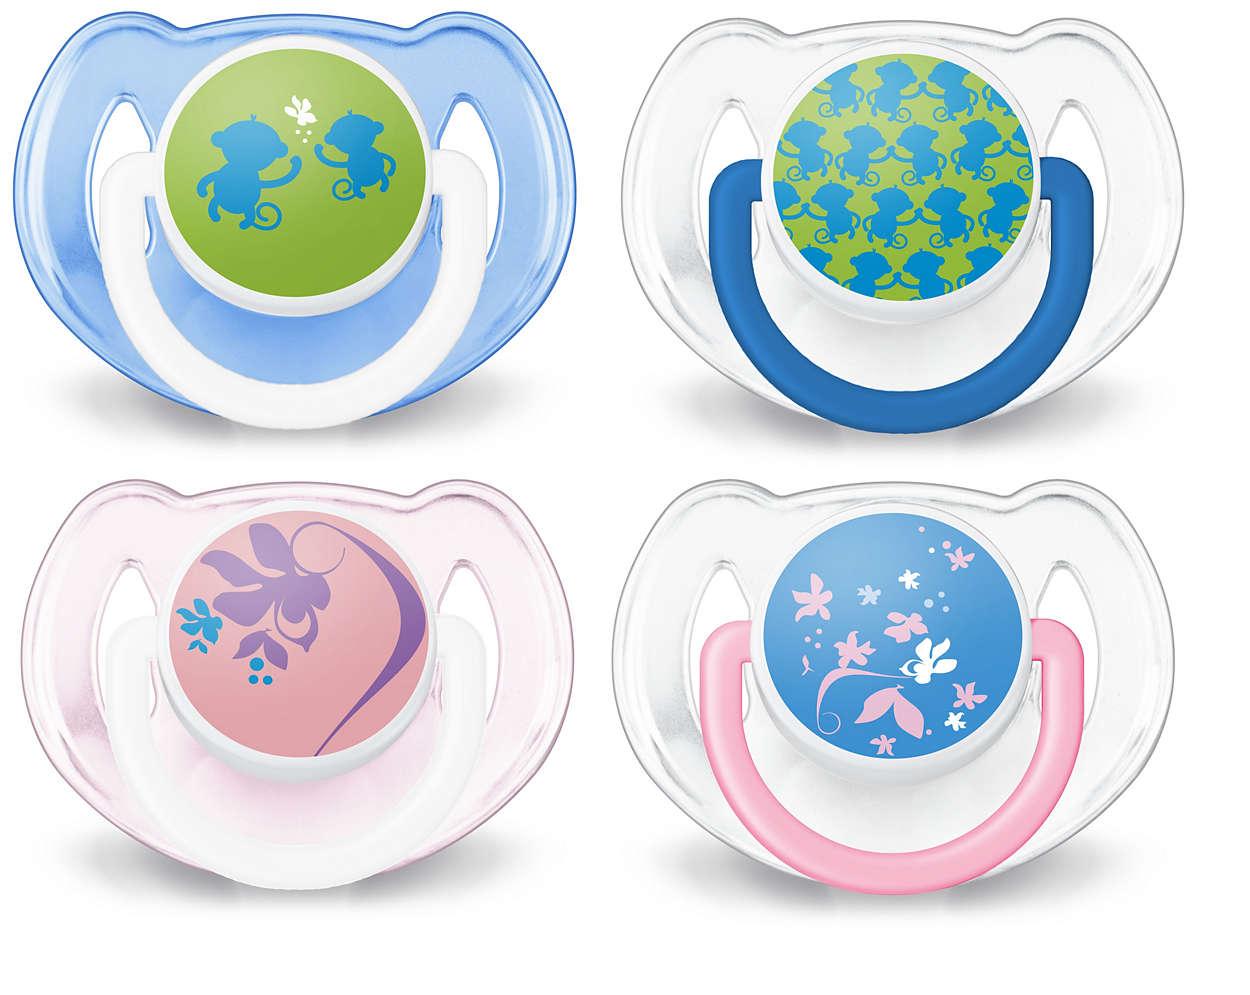 Voor de dagelijkse kalmeringsbehoeften van je baby